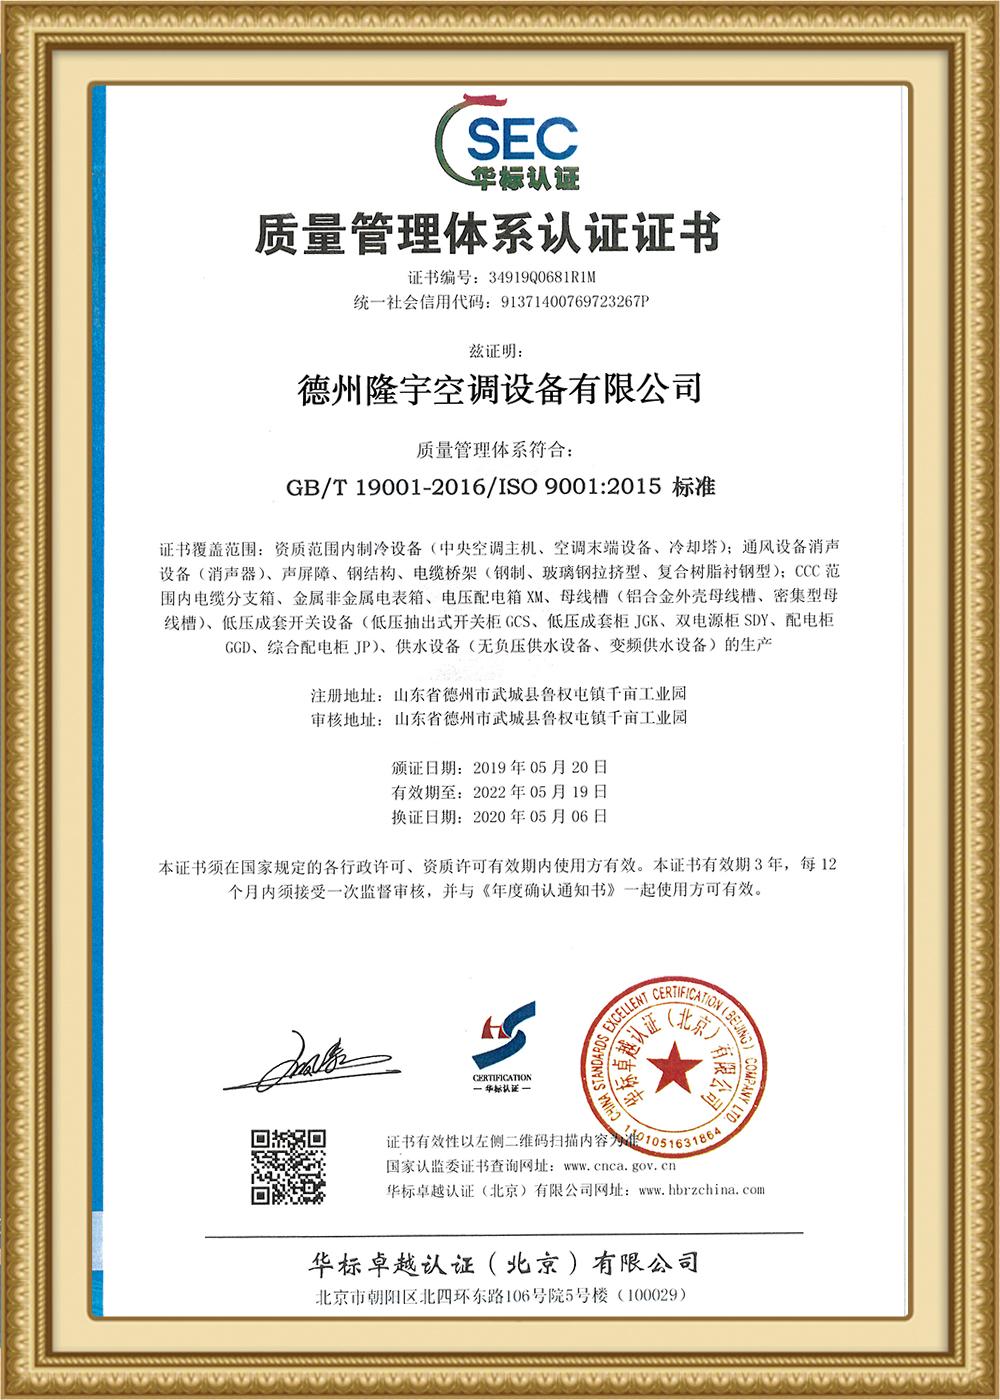 質量管理體系認證證書1